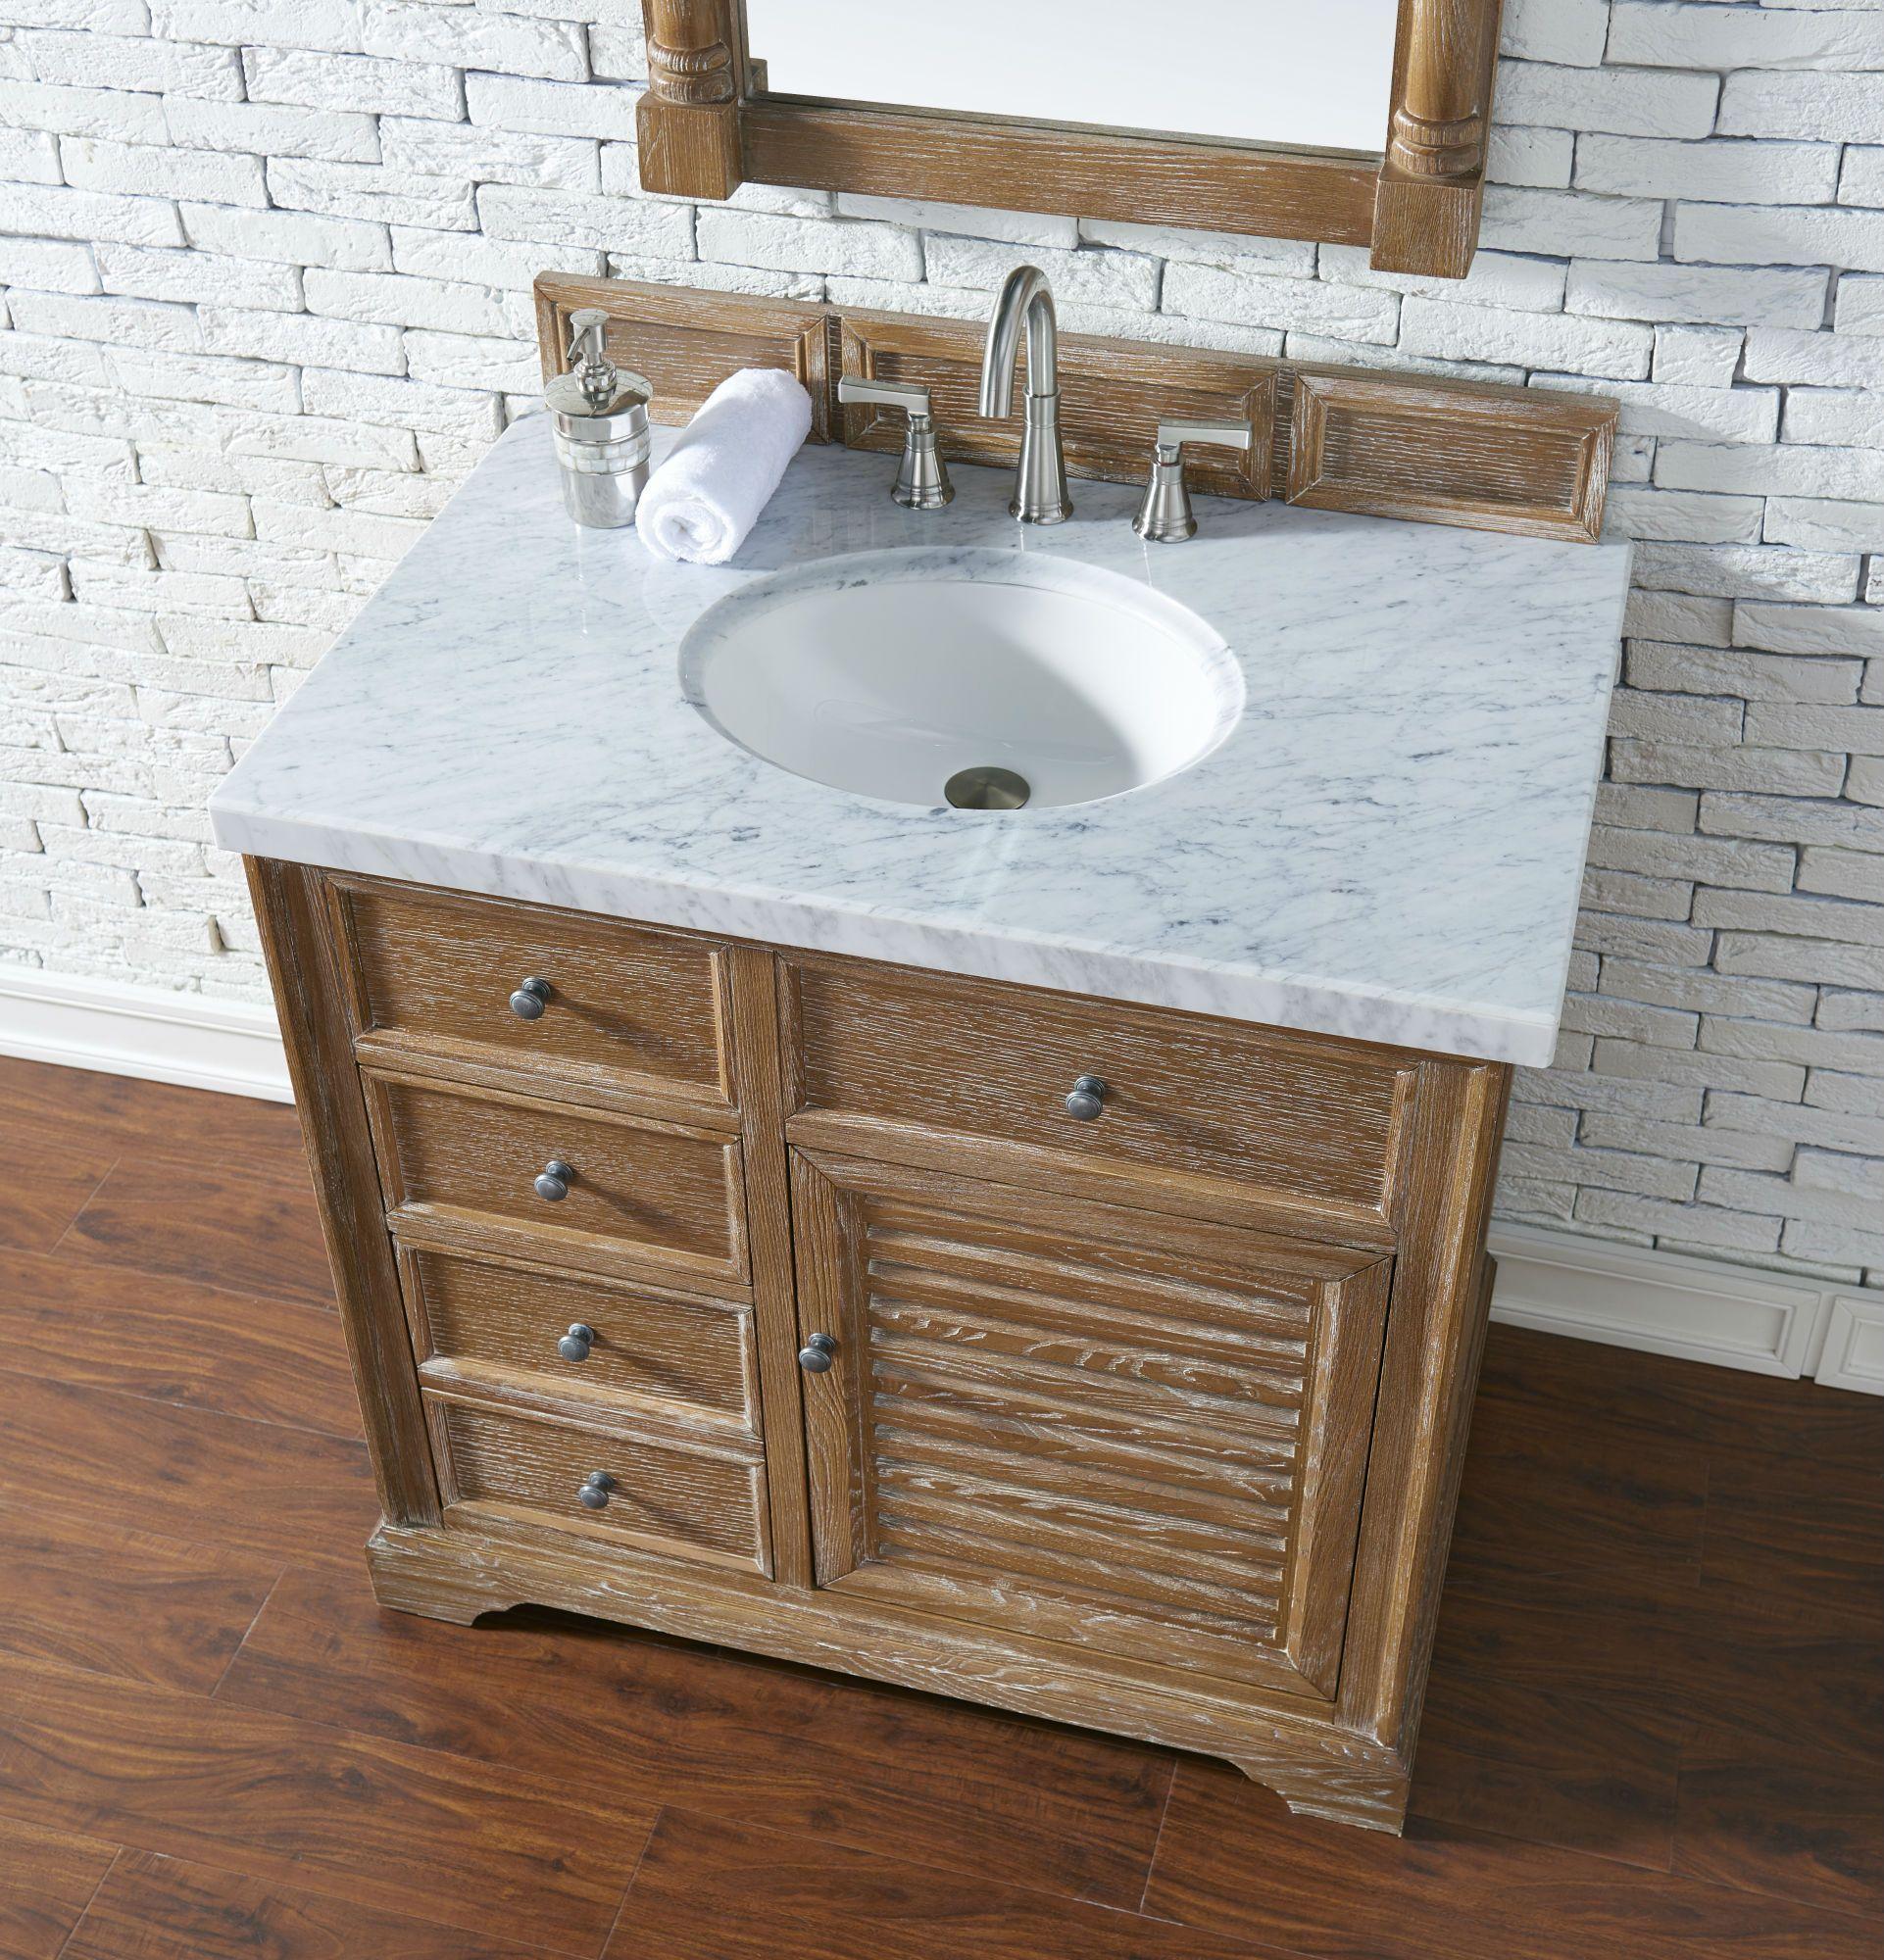 Savannah 36 Inch Bathroom Vanity In Driftwood Finish Tropical Brown Granite Top